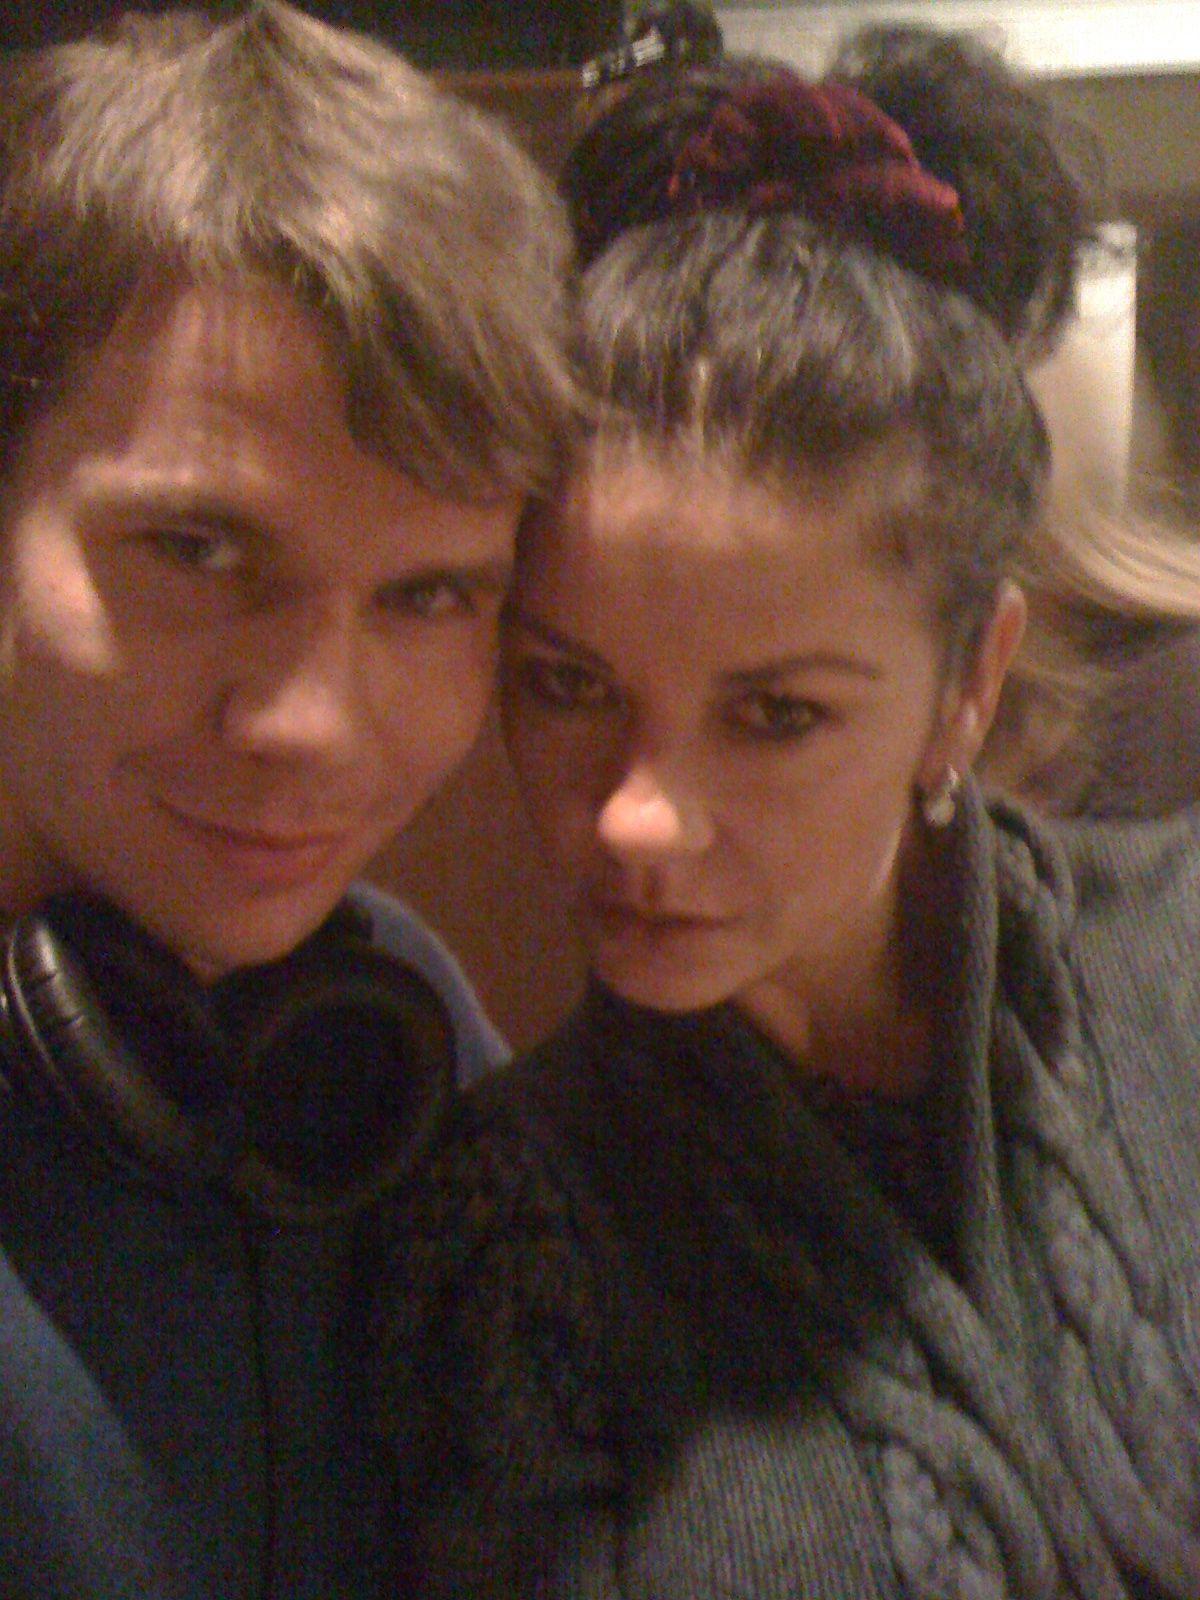 Sassy selfie withCatherine Zeta-Jones during the cast recording session.